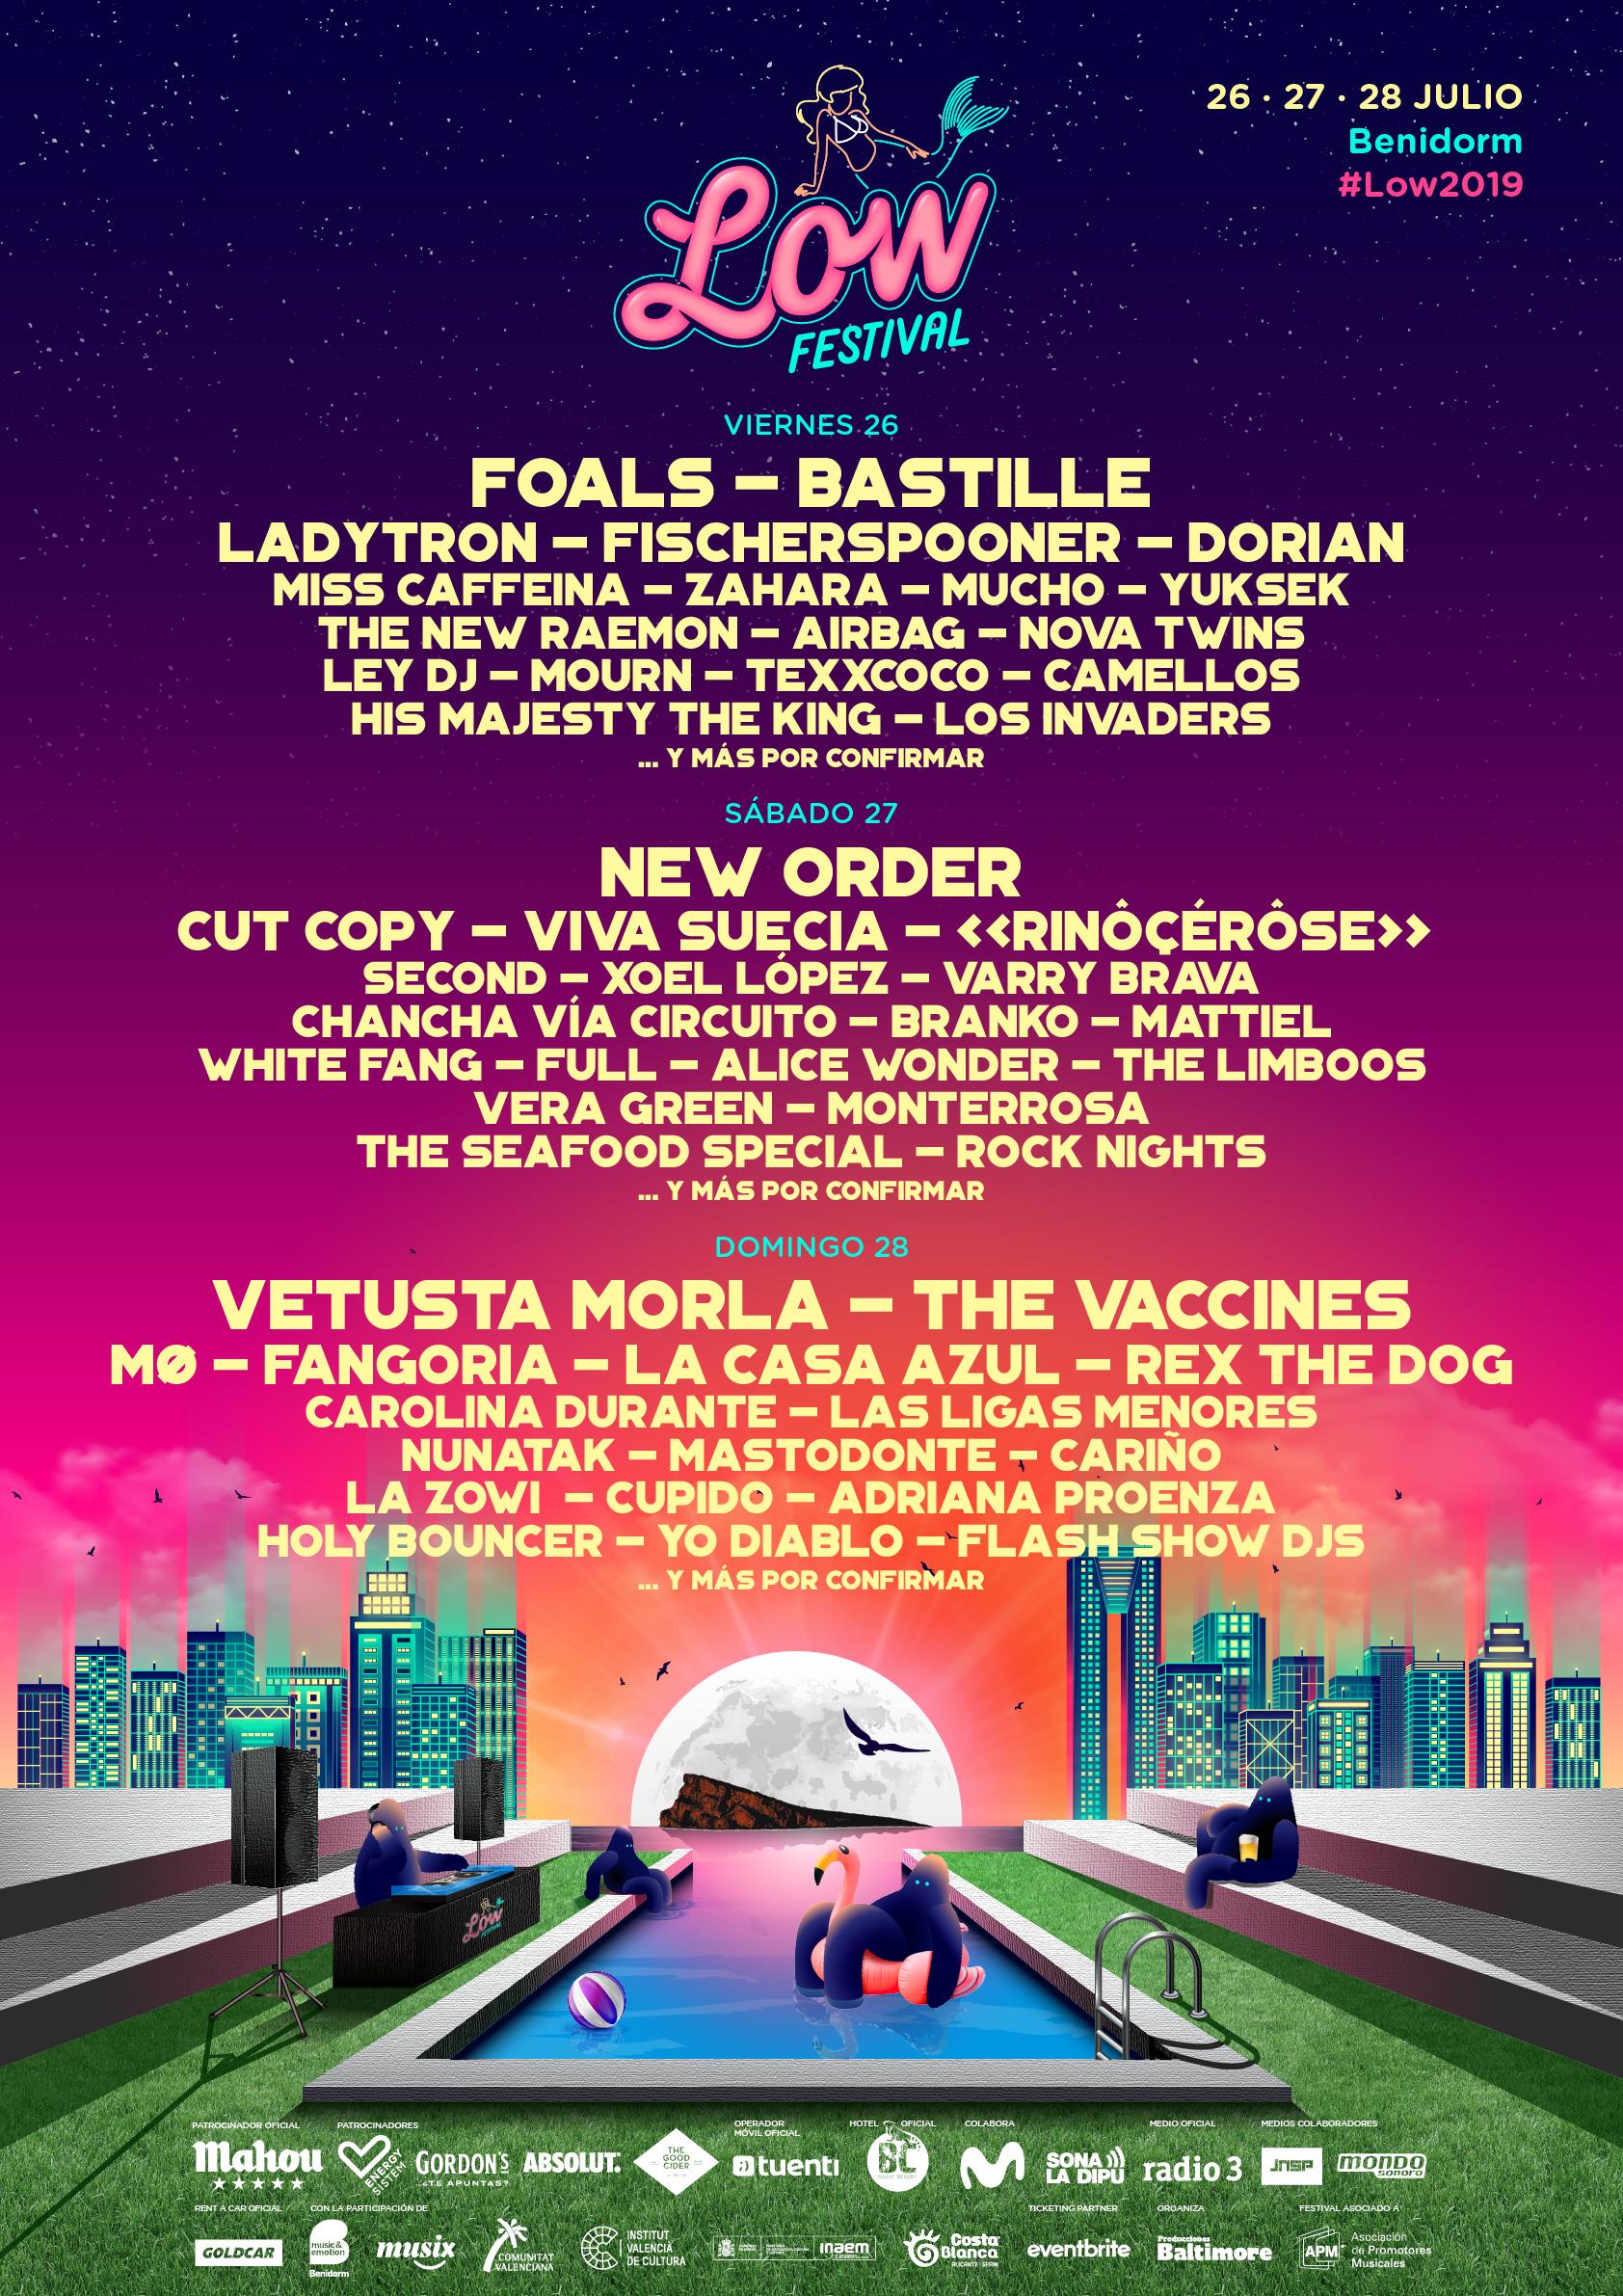 Cartel hasta el momento del Low Festival 2019